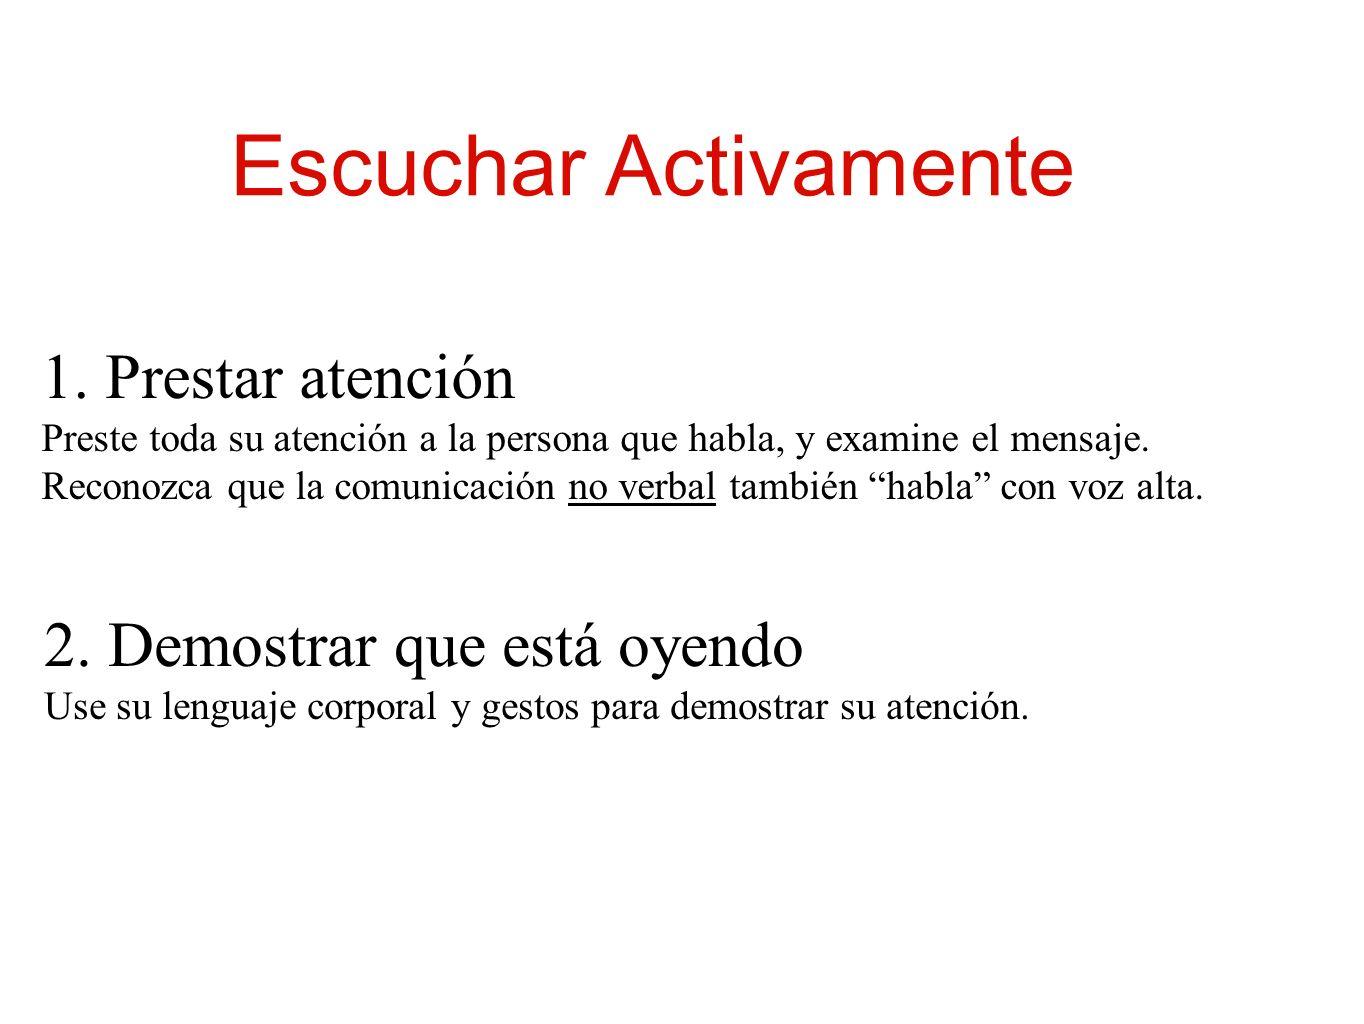 1. Prestar atención Preste toda su atención a la persona que habla, y examine el mensaje. Reconozca que la comunicación no verbal también habla con vo